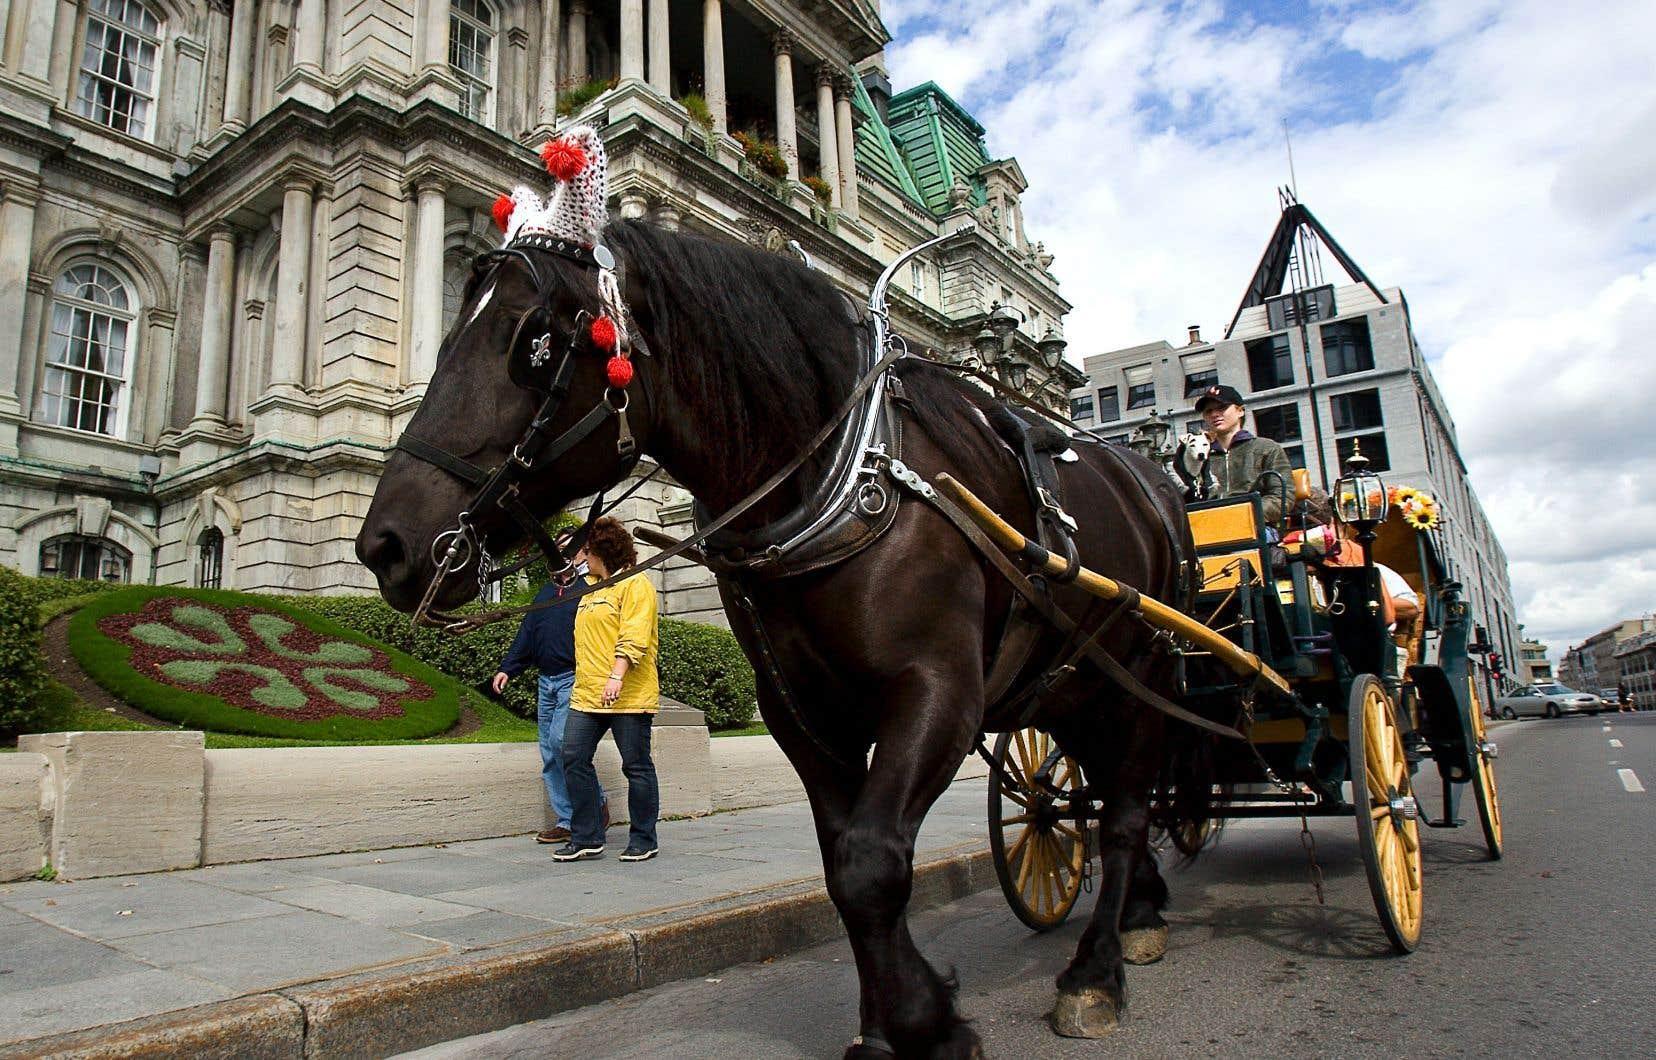 L'administration Plante a décidé de concrétiser une de ses promesses électorales, soit de bannir les calèches des rues de Montréal à compter de 2020.